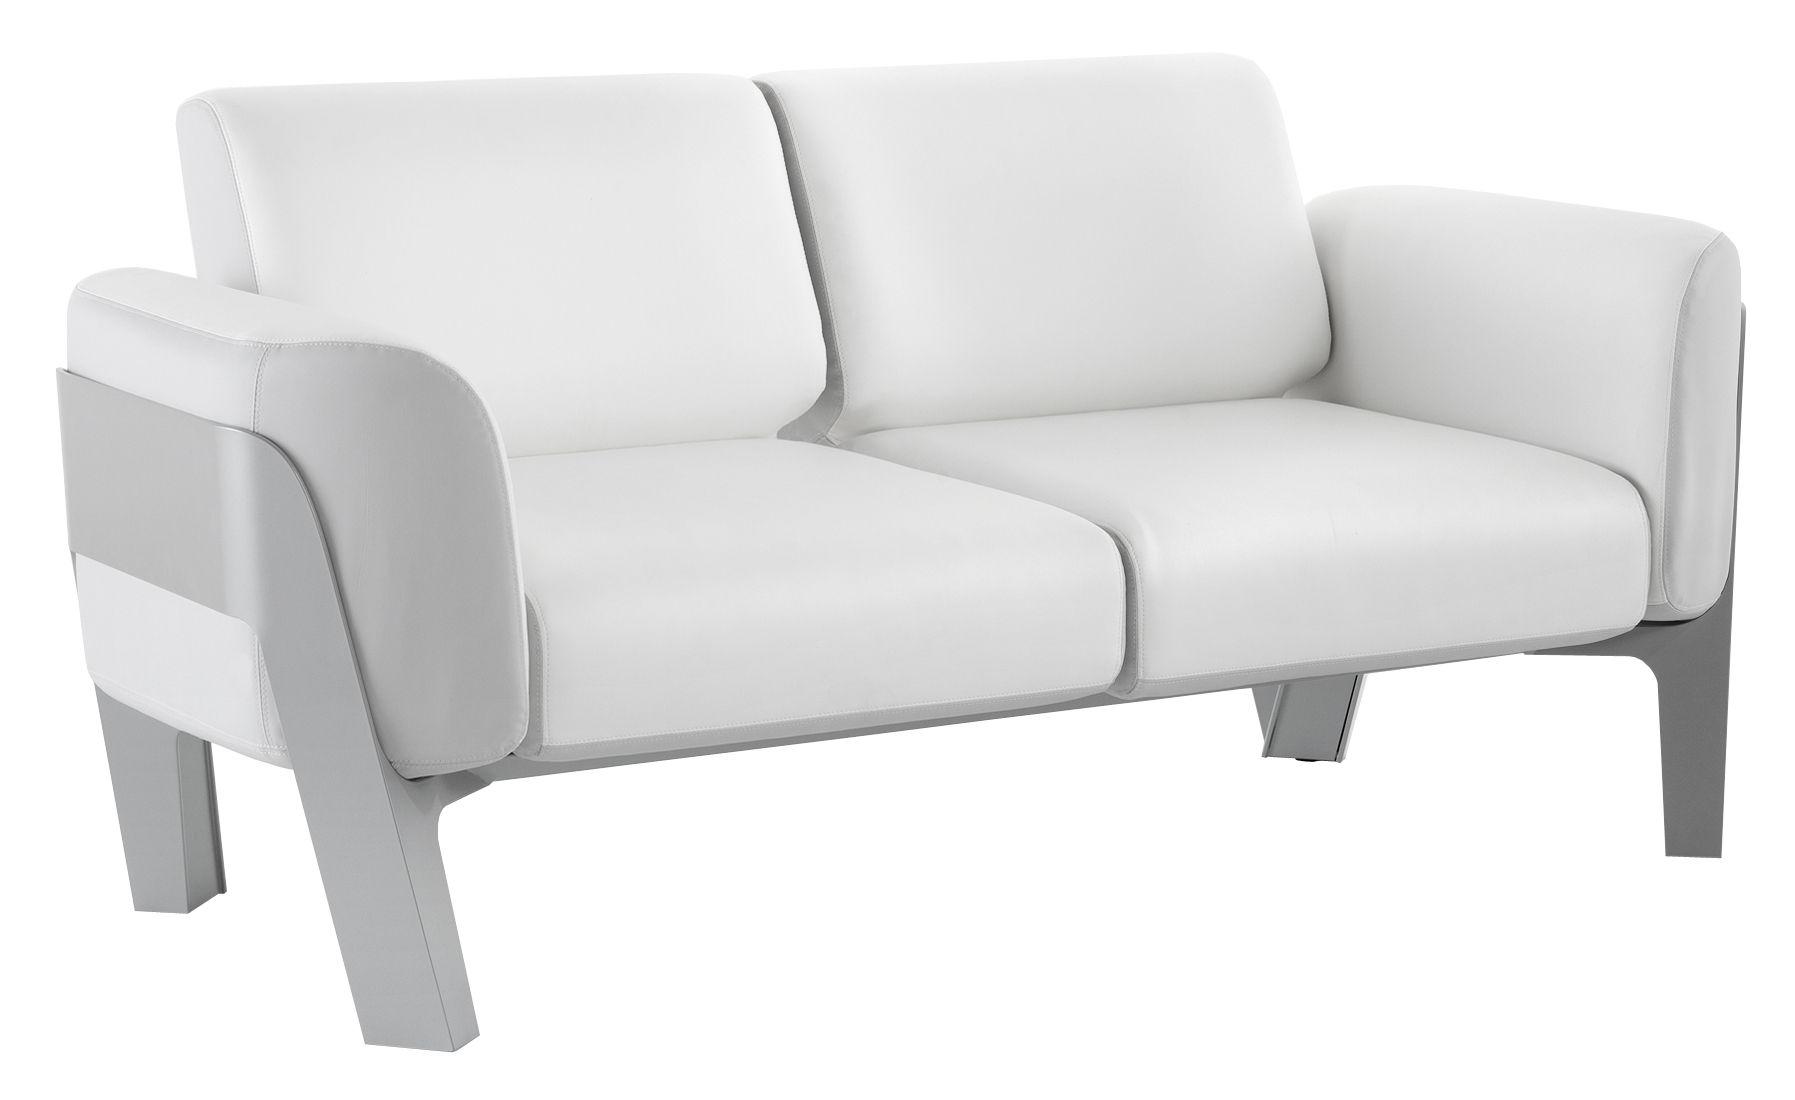 Mobilier - Canapés - Canapé droit Bienvenue / Vinyle / L 186 cm - 2 places - EGO Paris - Coussins blanc & gris Clair / Structure gris argent - Aluminium laqué, Mousse, Vinyle marin